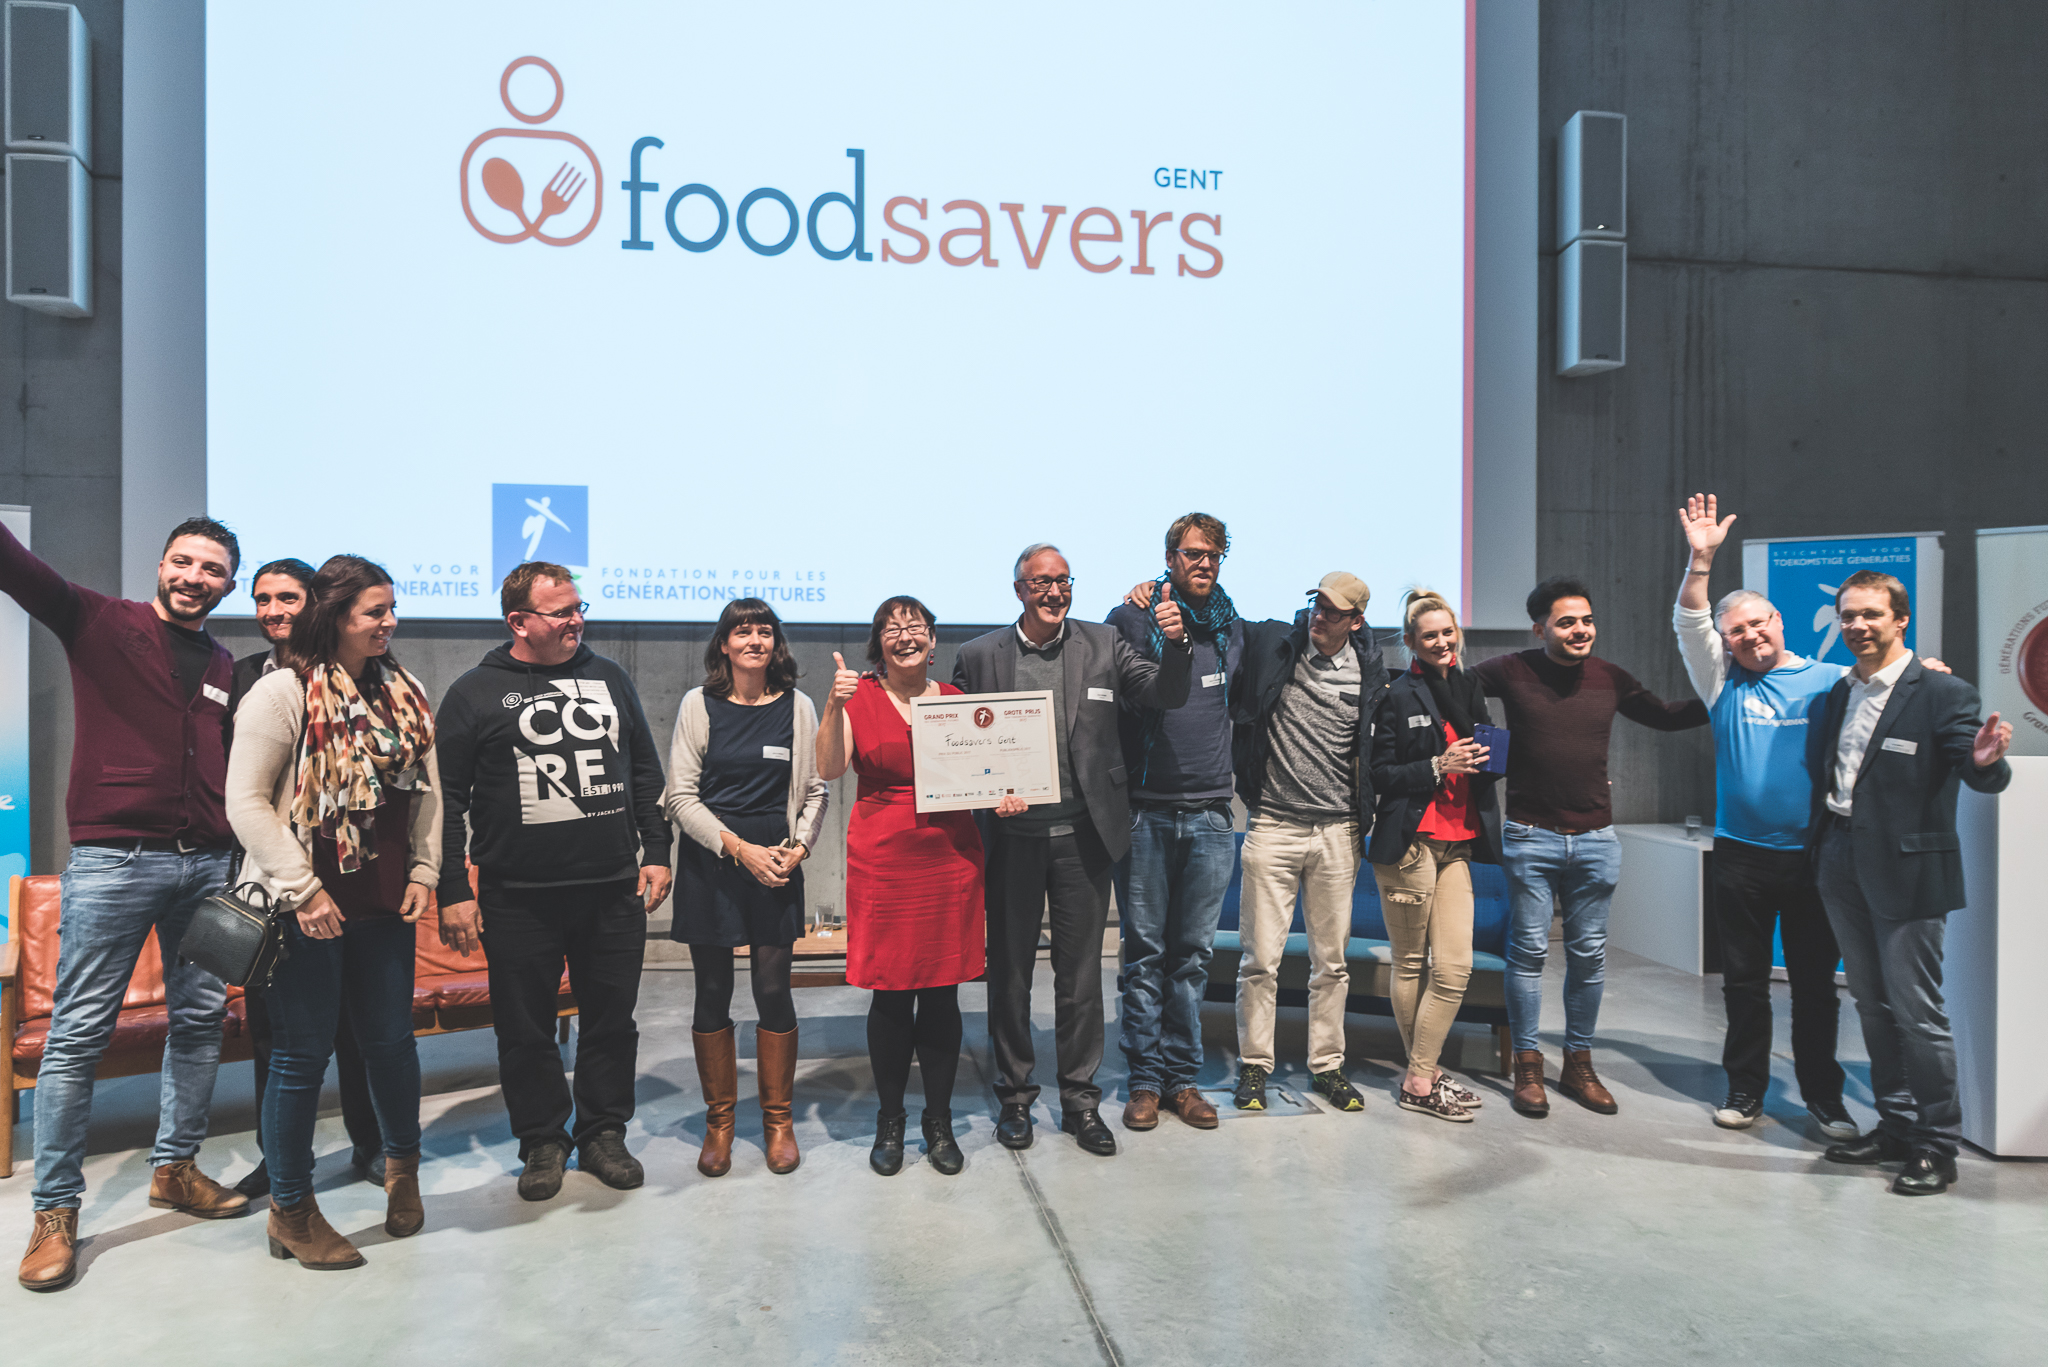 FoodSavers Gent - © Simon Fusillier